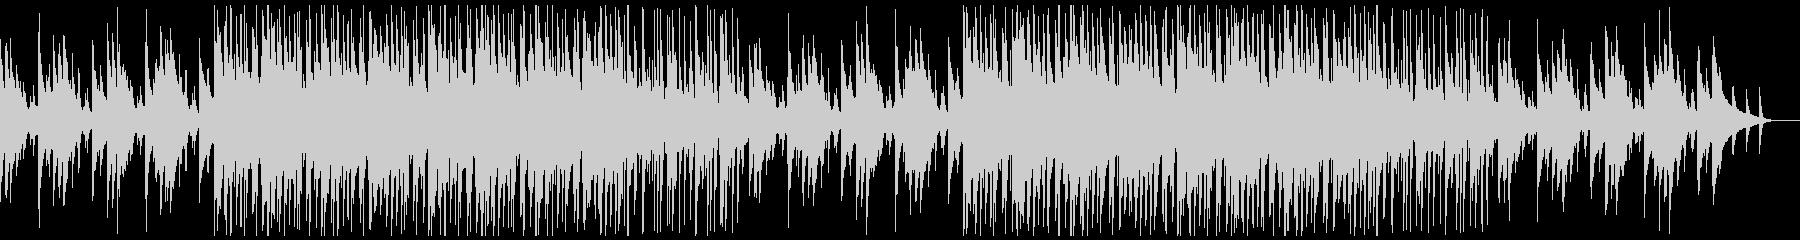 シンプルなエレキギターのヒップホップの未再生の波形